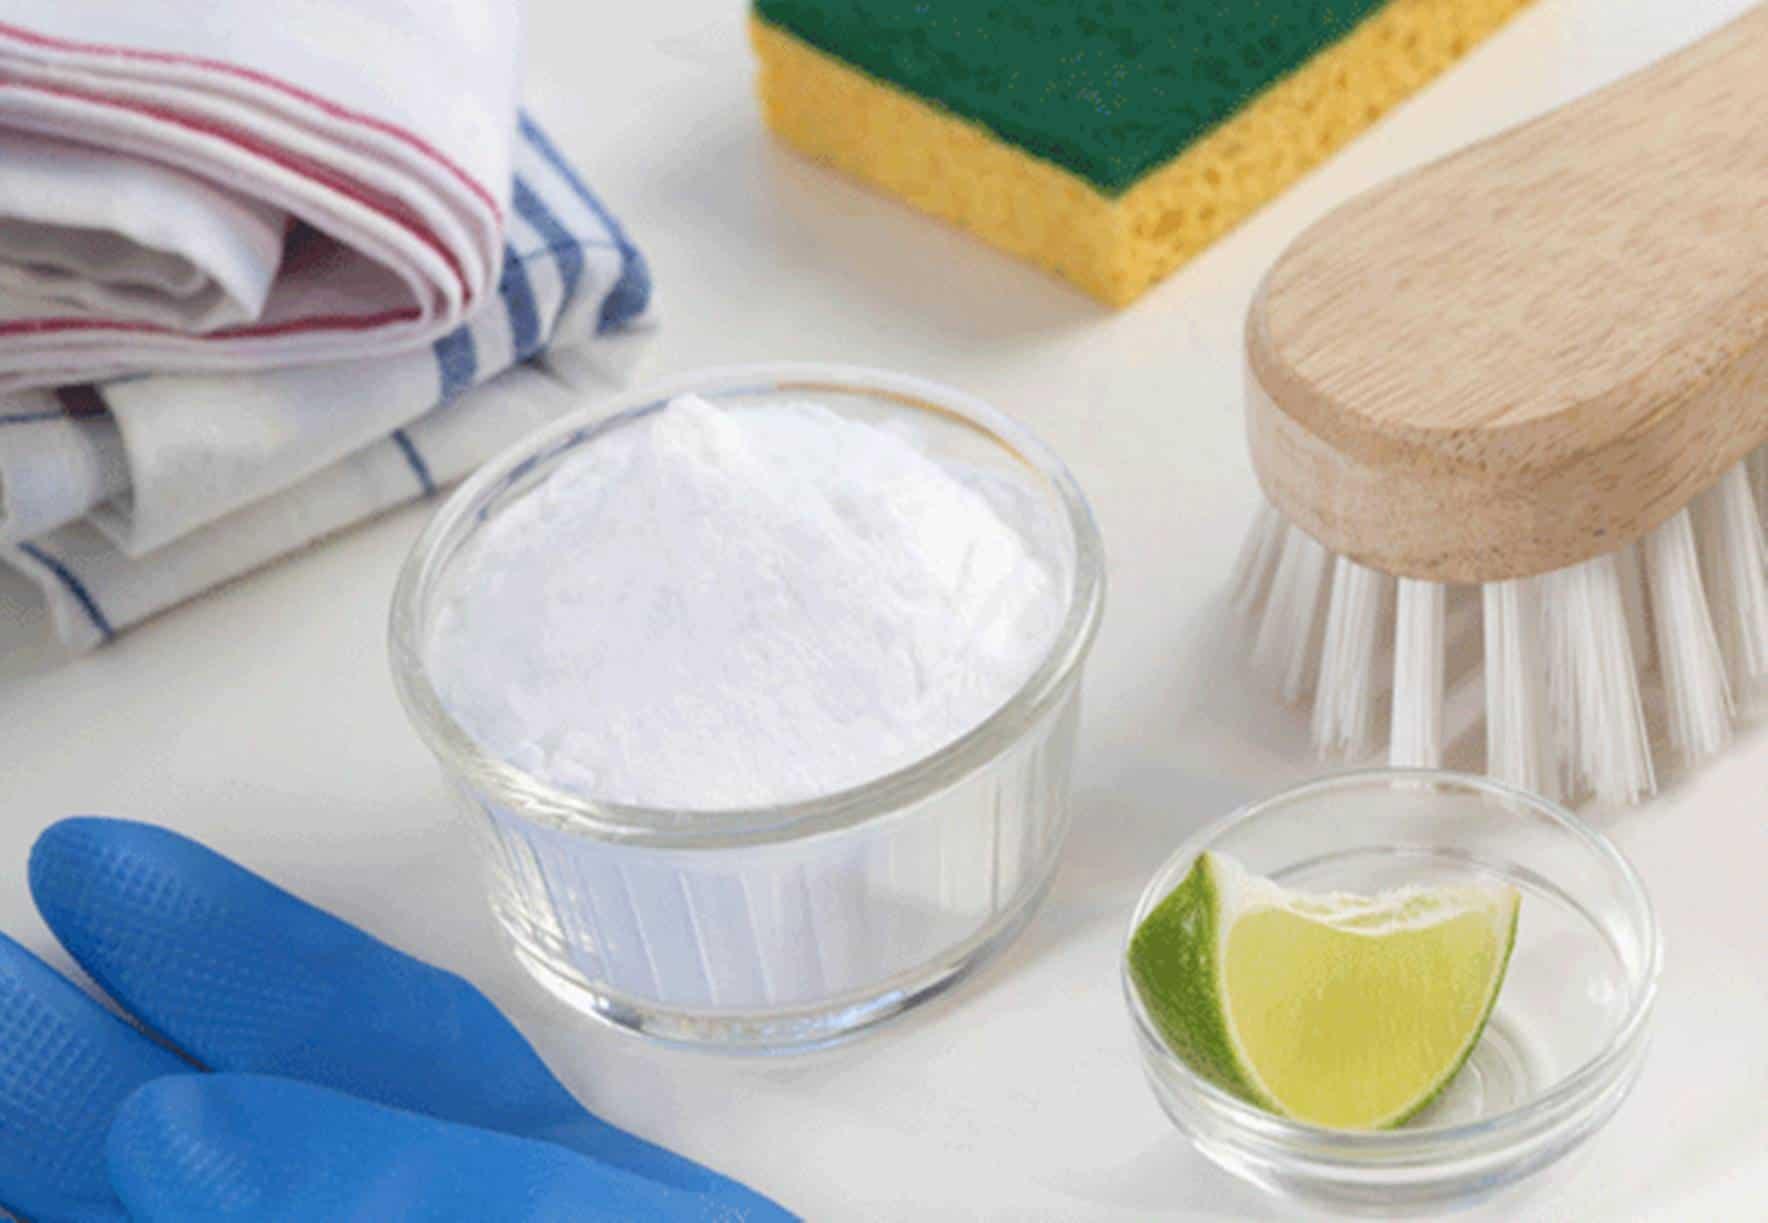 11 ingredientes da cozinha vão te ajudar a fazer a faxina na casa